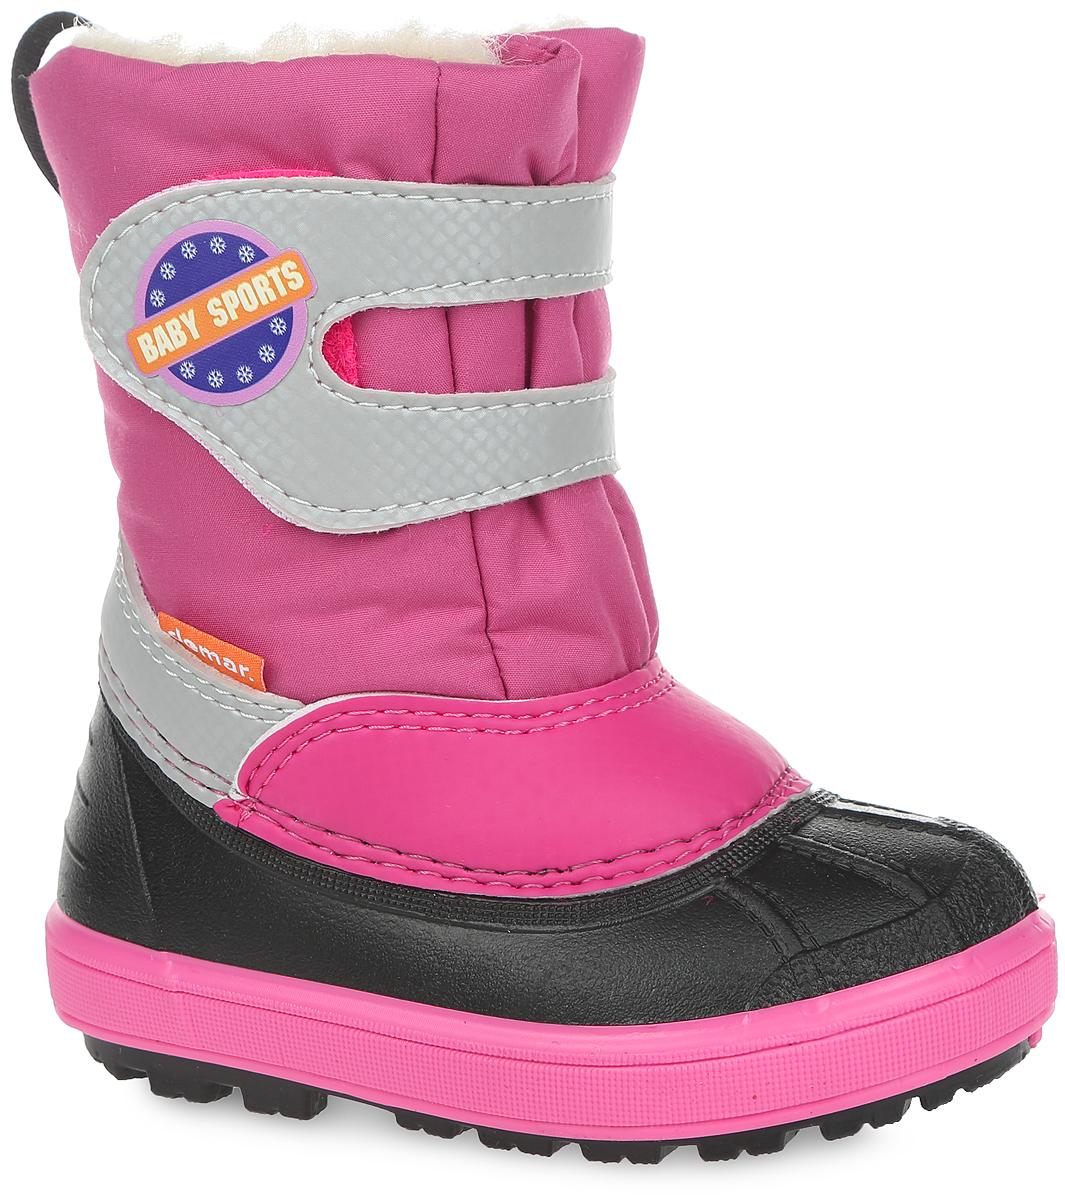 Дутики для девочки Baby Sport. 15061506 BABY SPORT AПрактичные и удобные дутики от Demar - отличный вариант на каждый день. Модель выполнена в нижней части из ПВХ (поливинилхлорида), а голенище - из современного текстильного материала, обладающего высокими износостойкими свойствами. Верх изделия оформлен ремешком на застежке-липучке, который надежно зафиксирует обувь на ноге и отрегулирует объем. Подкладка и стелька, исполненные из натуральной шерсти, согреют ножки в мороз и обеспечат уют. Светоотражающий элемент обеспечит безопасность в темное время суток. Высокая подошва, выполненная из литой резины, имеет специальное рифление, которое защищает от скольжения и сохраняет гибкость даже в значительные морозы. Удобные дутики придутся по душе вашему ребенку!